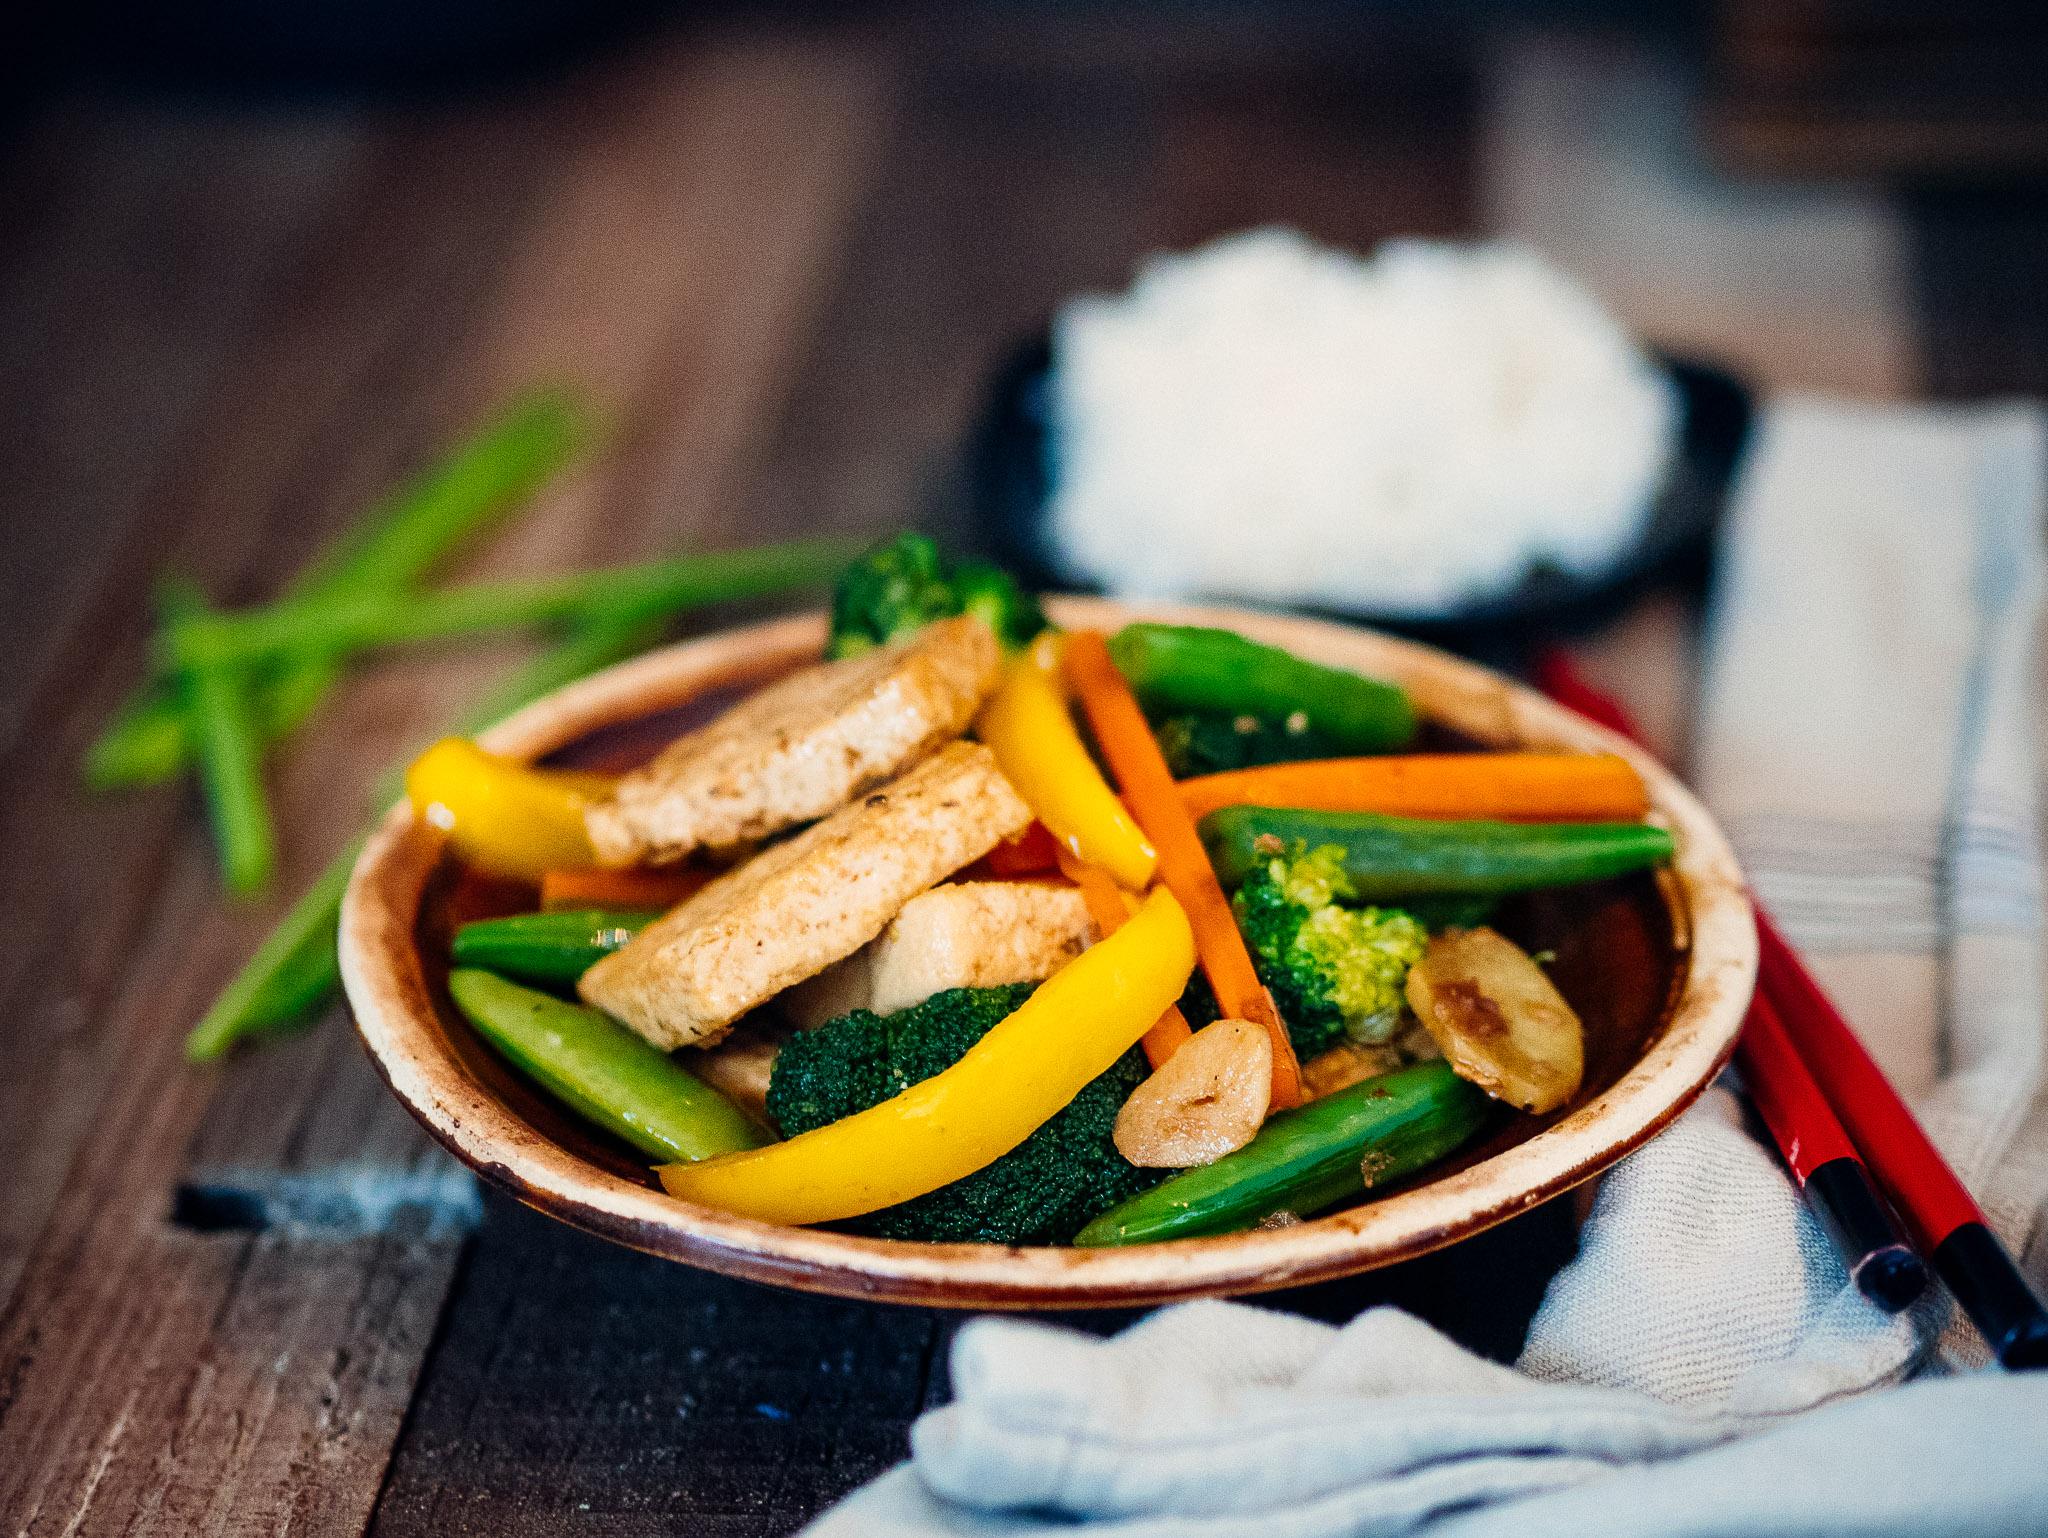 Kuchnia Chinska Przepisy Potrawy Slodkokwasny Com